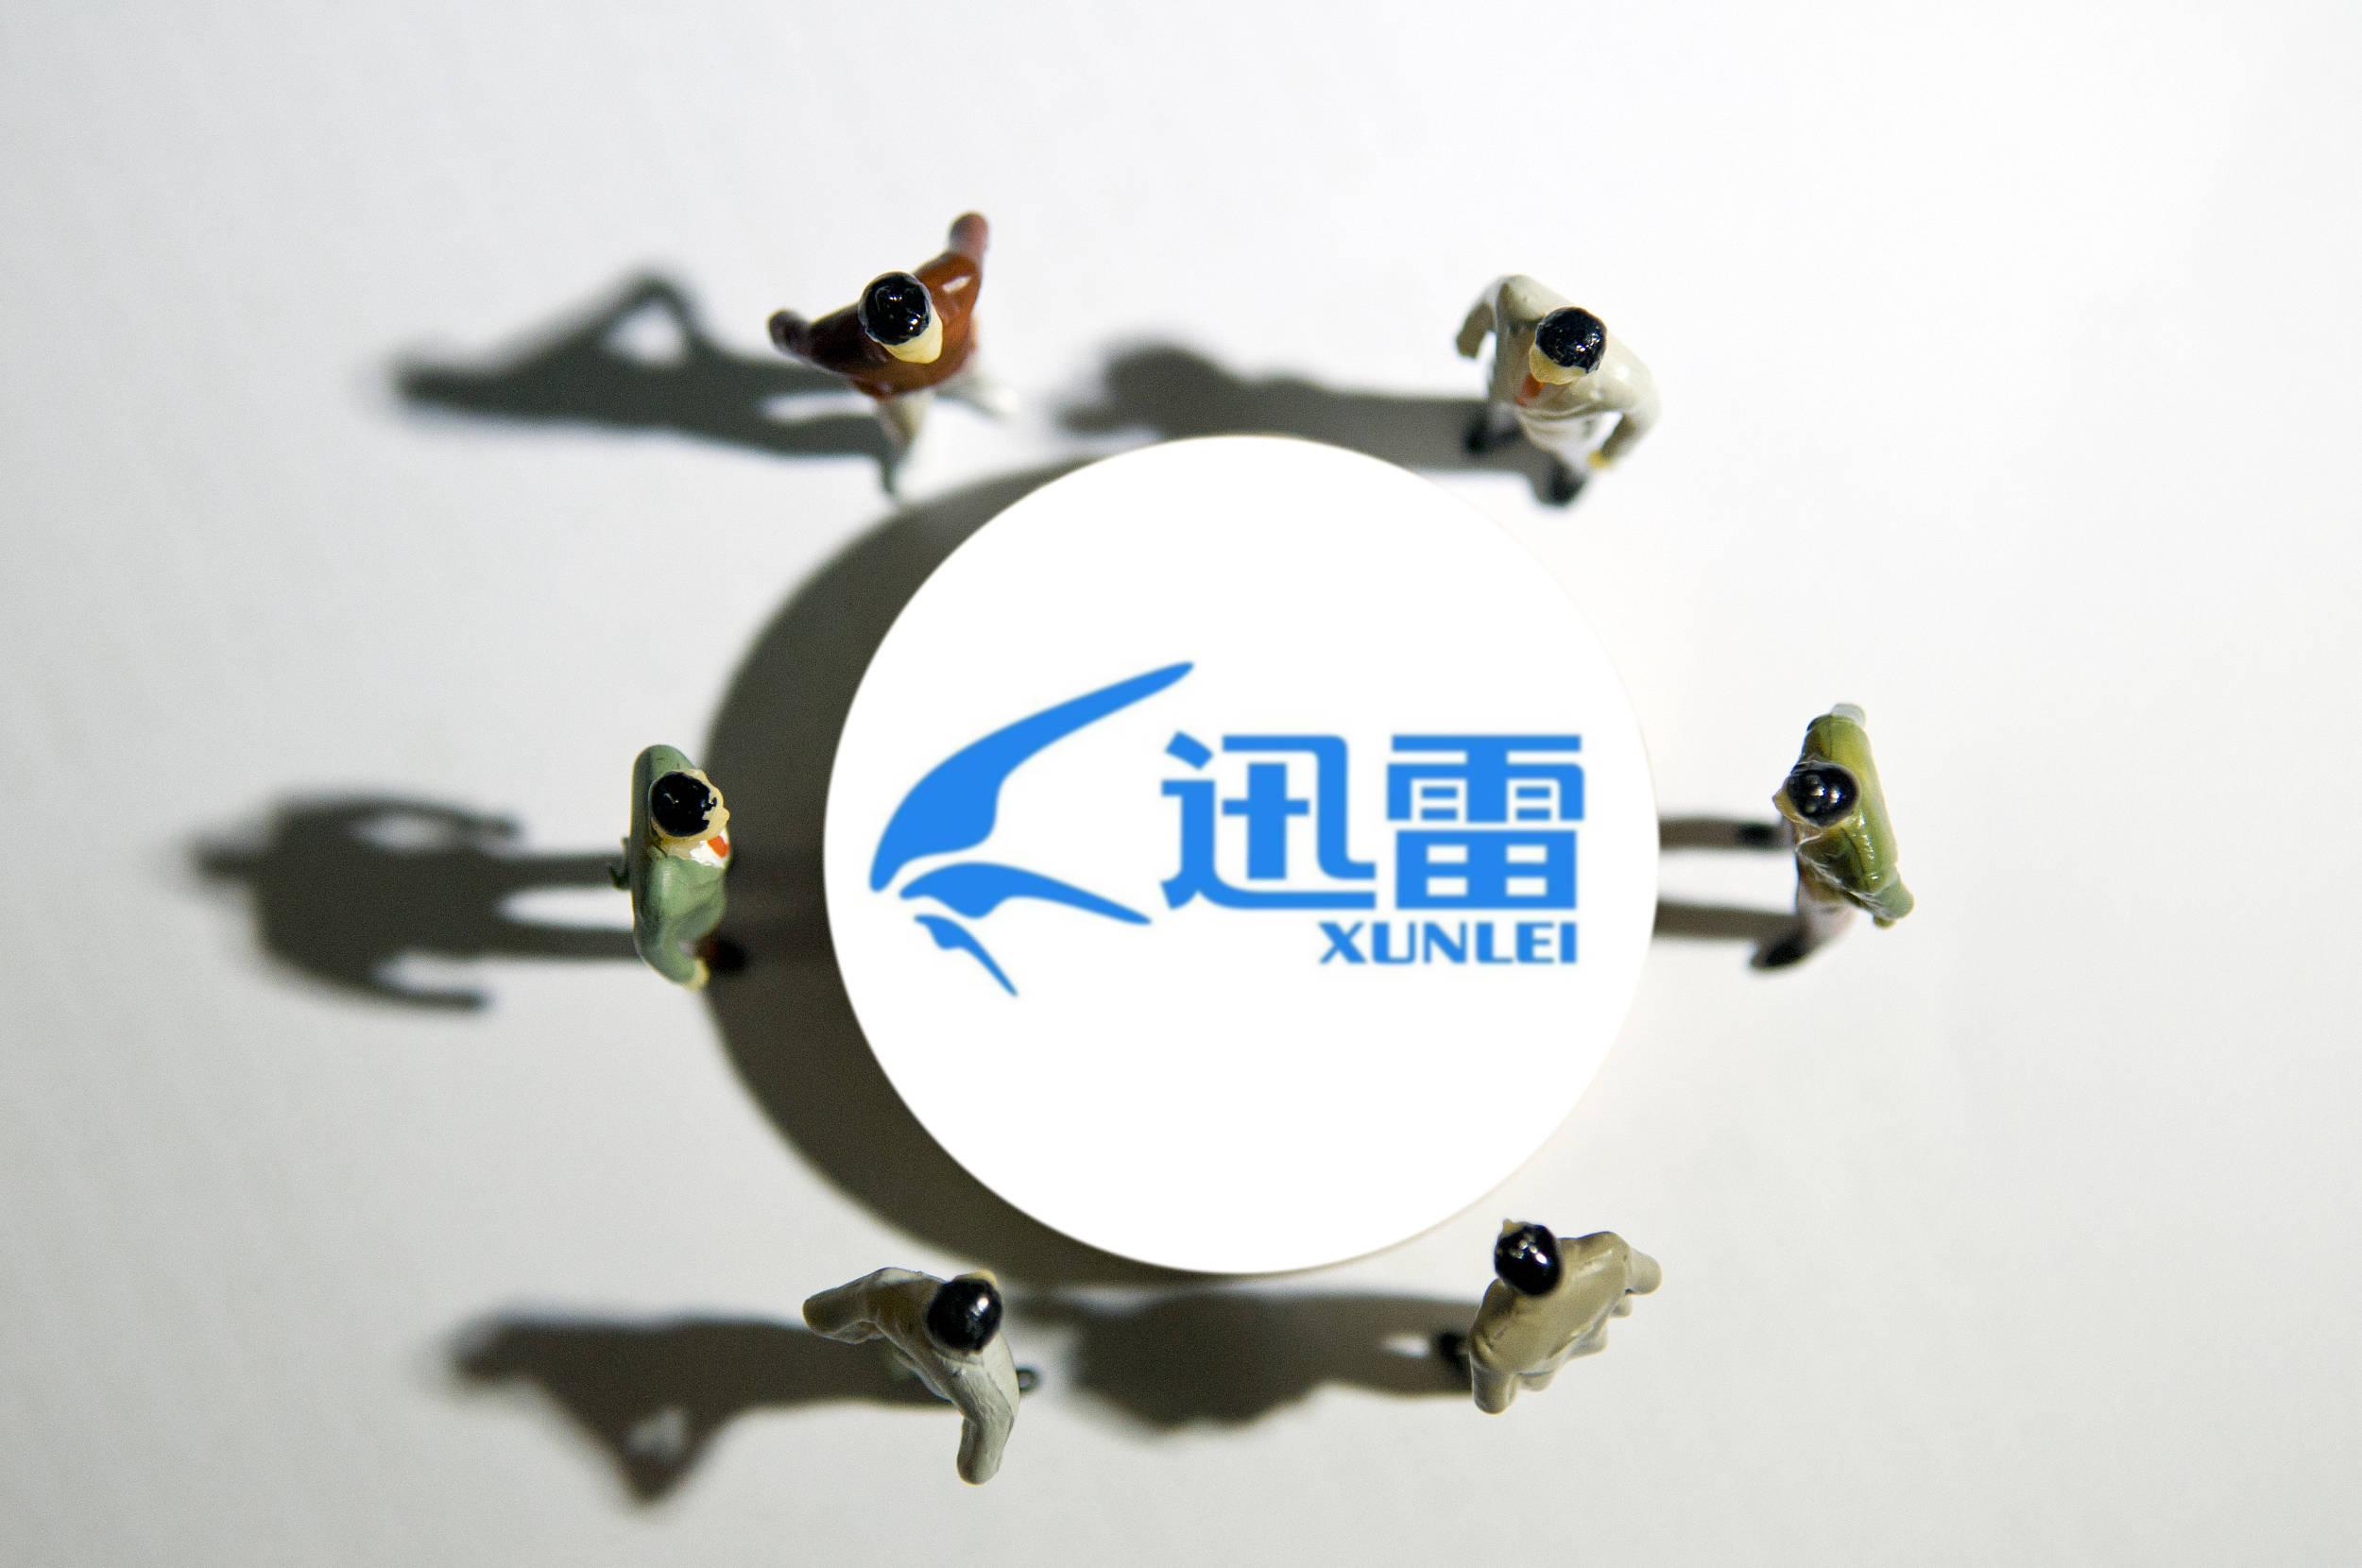 迅雷前任CEO陈磊被立案调查细节:转移公司财产、非法炒币、与副总裁育有一子